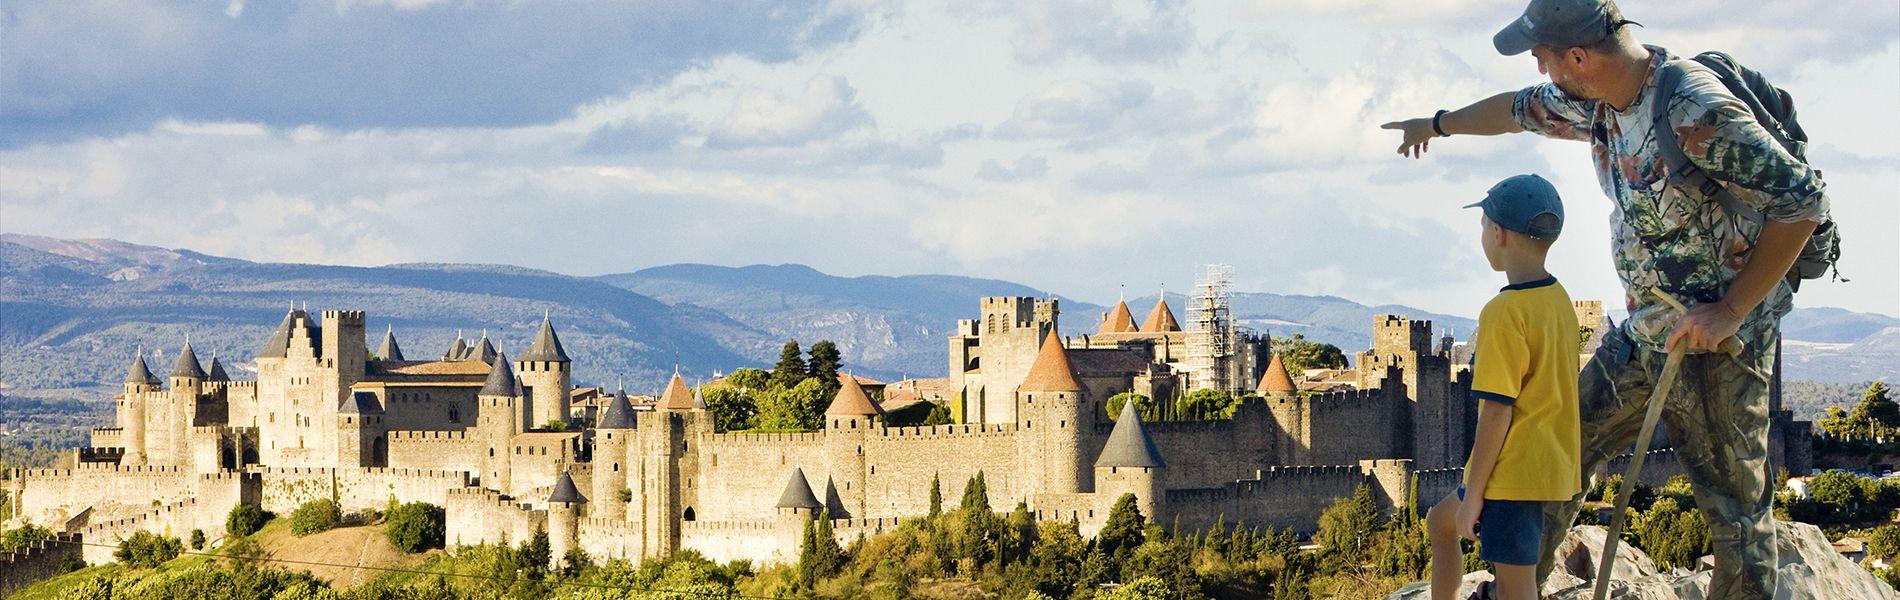 Ciudad de carcassonne